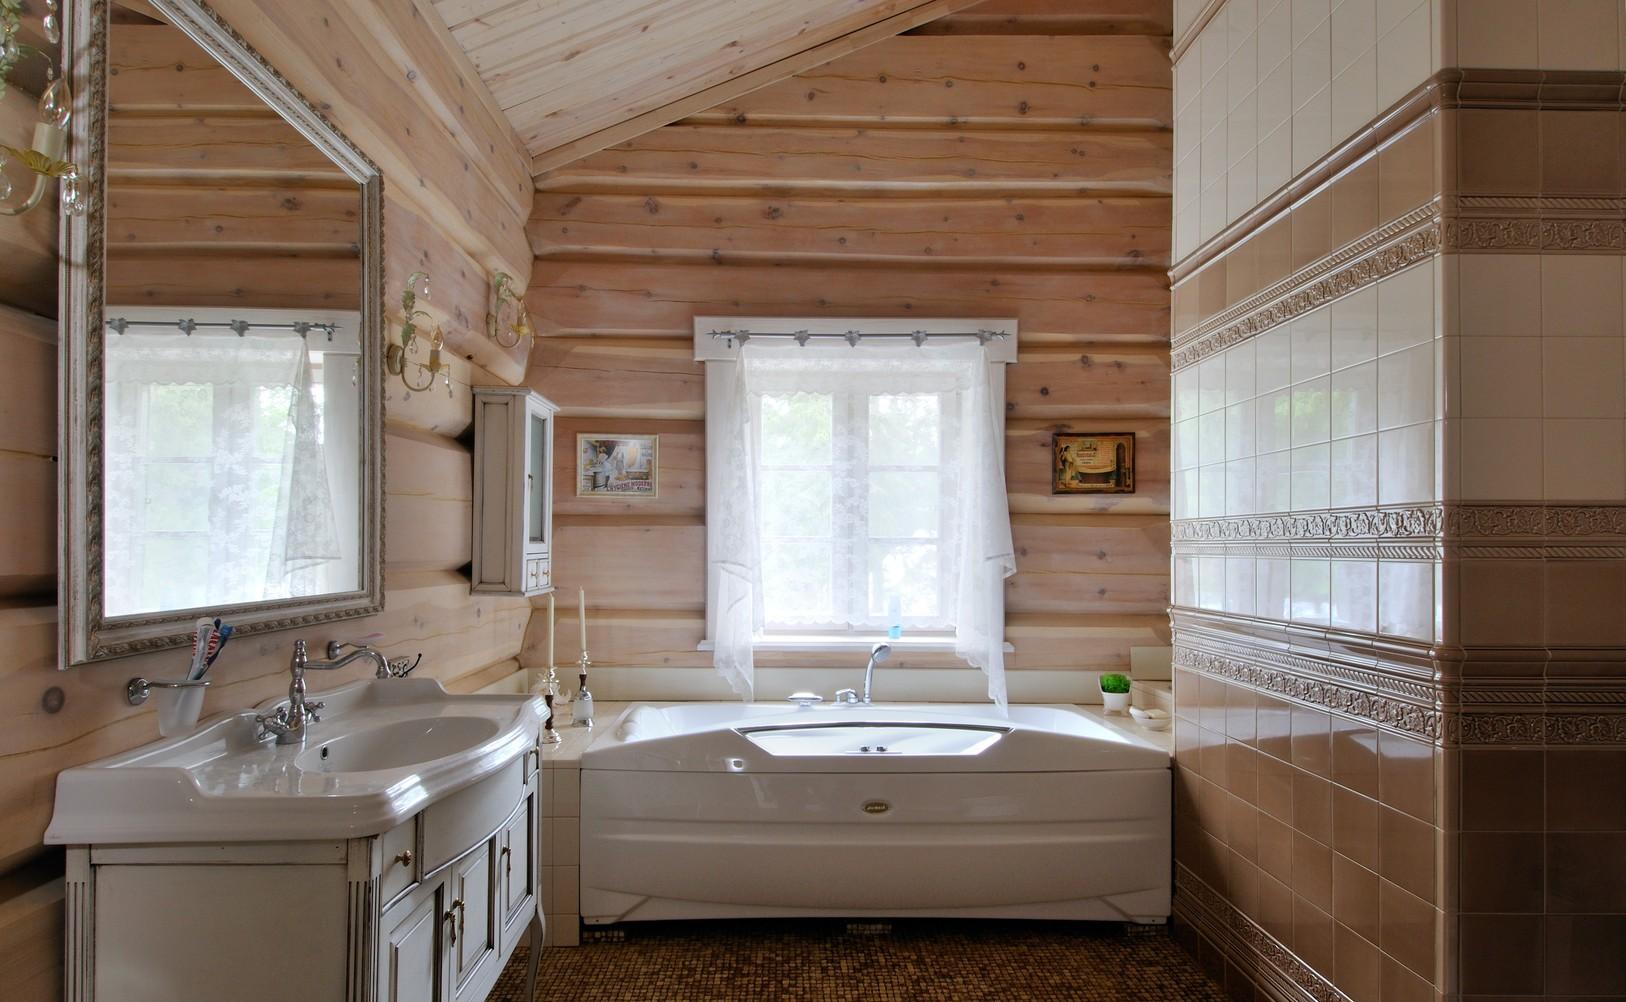 Ванная комната с деревом и плиткой на стенах в стиле кантри